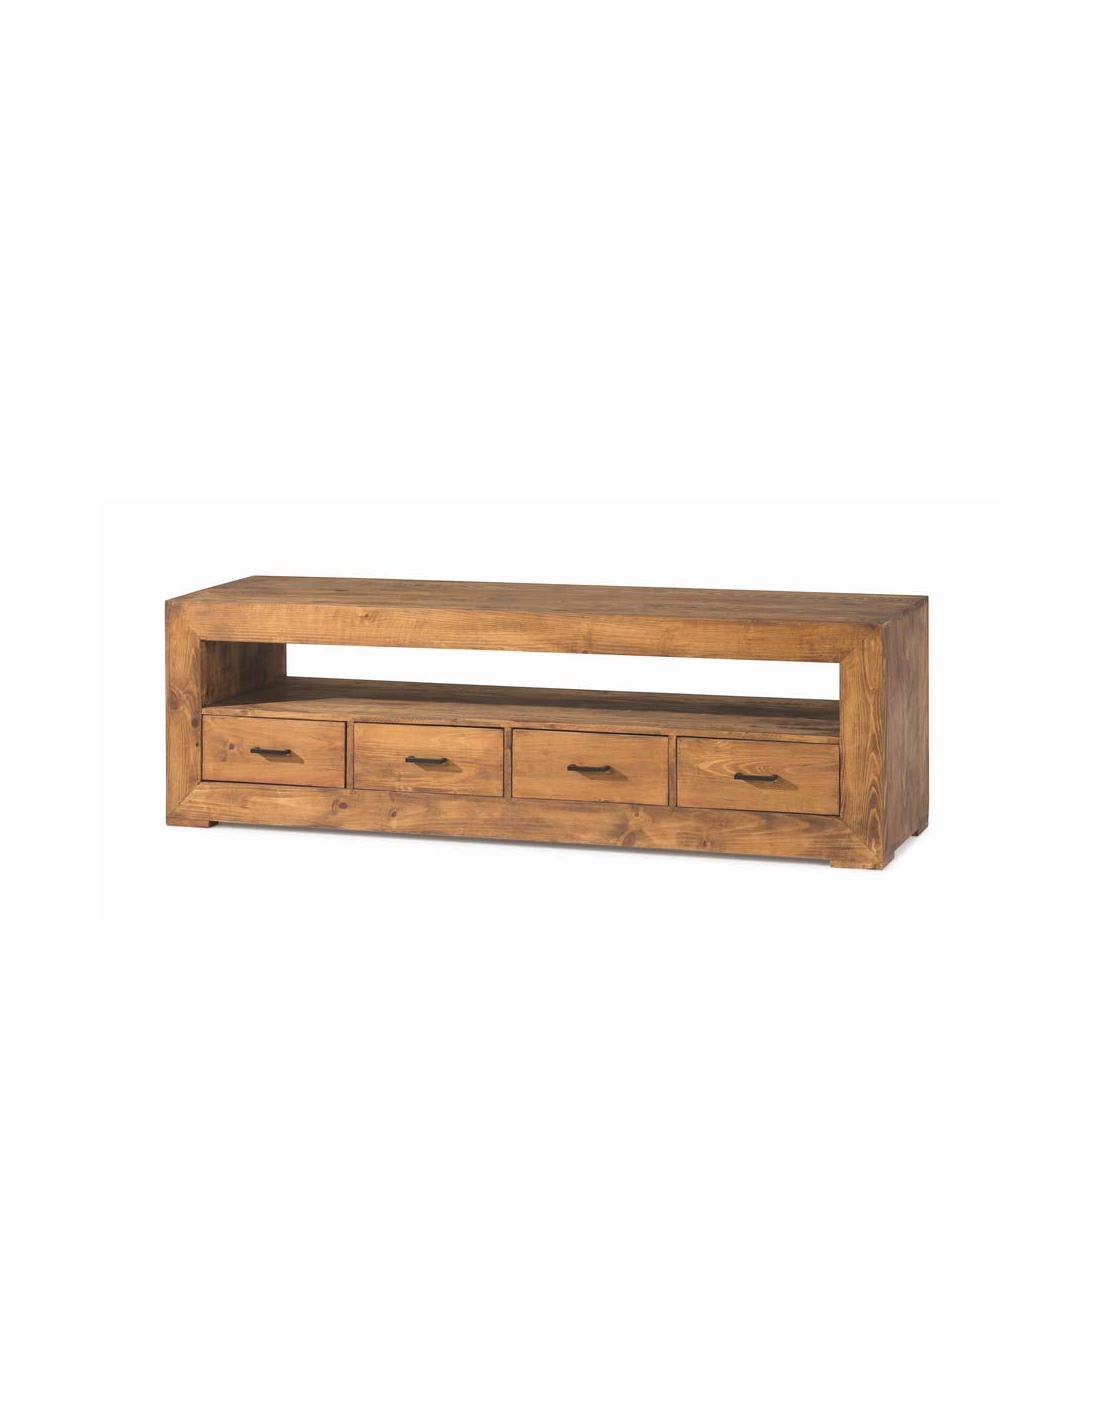 comprar mueble tv rustico madera zoom 180